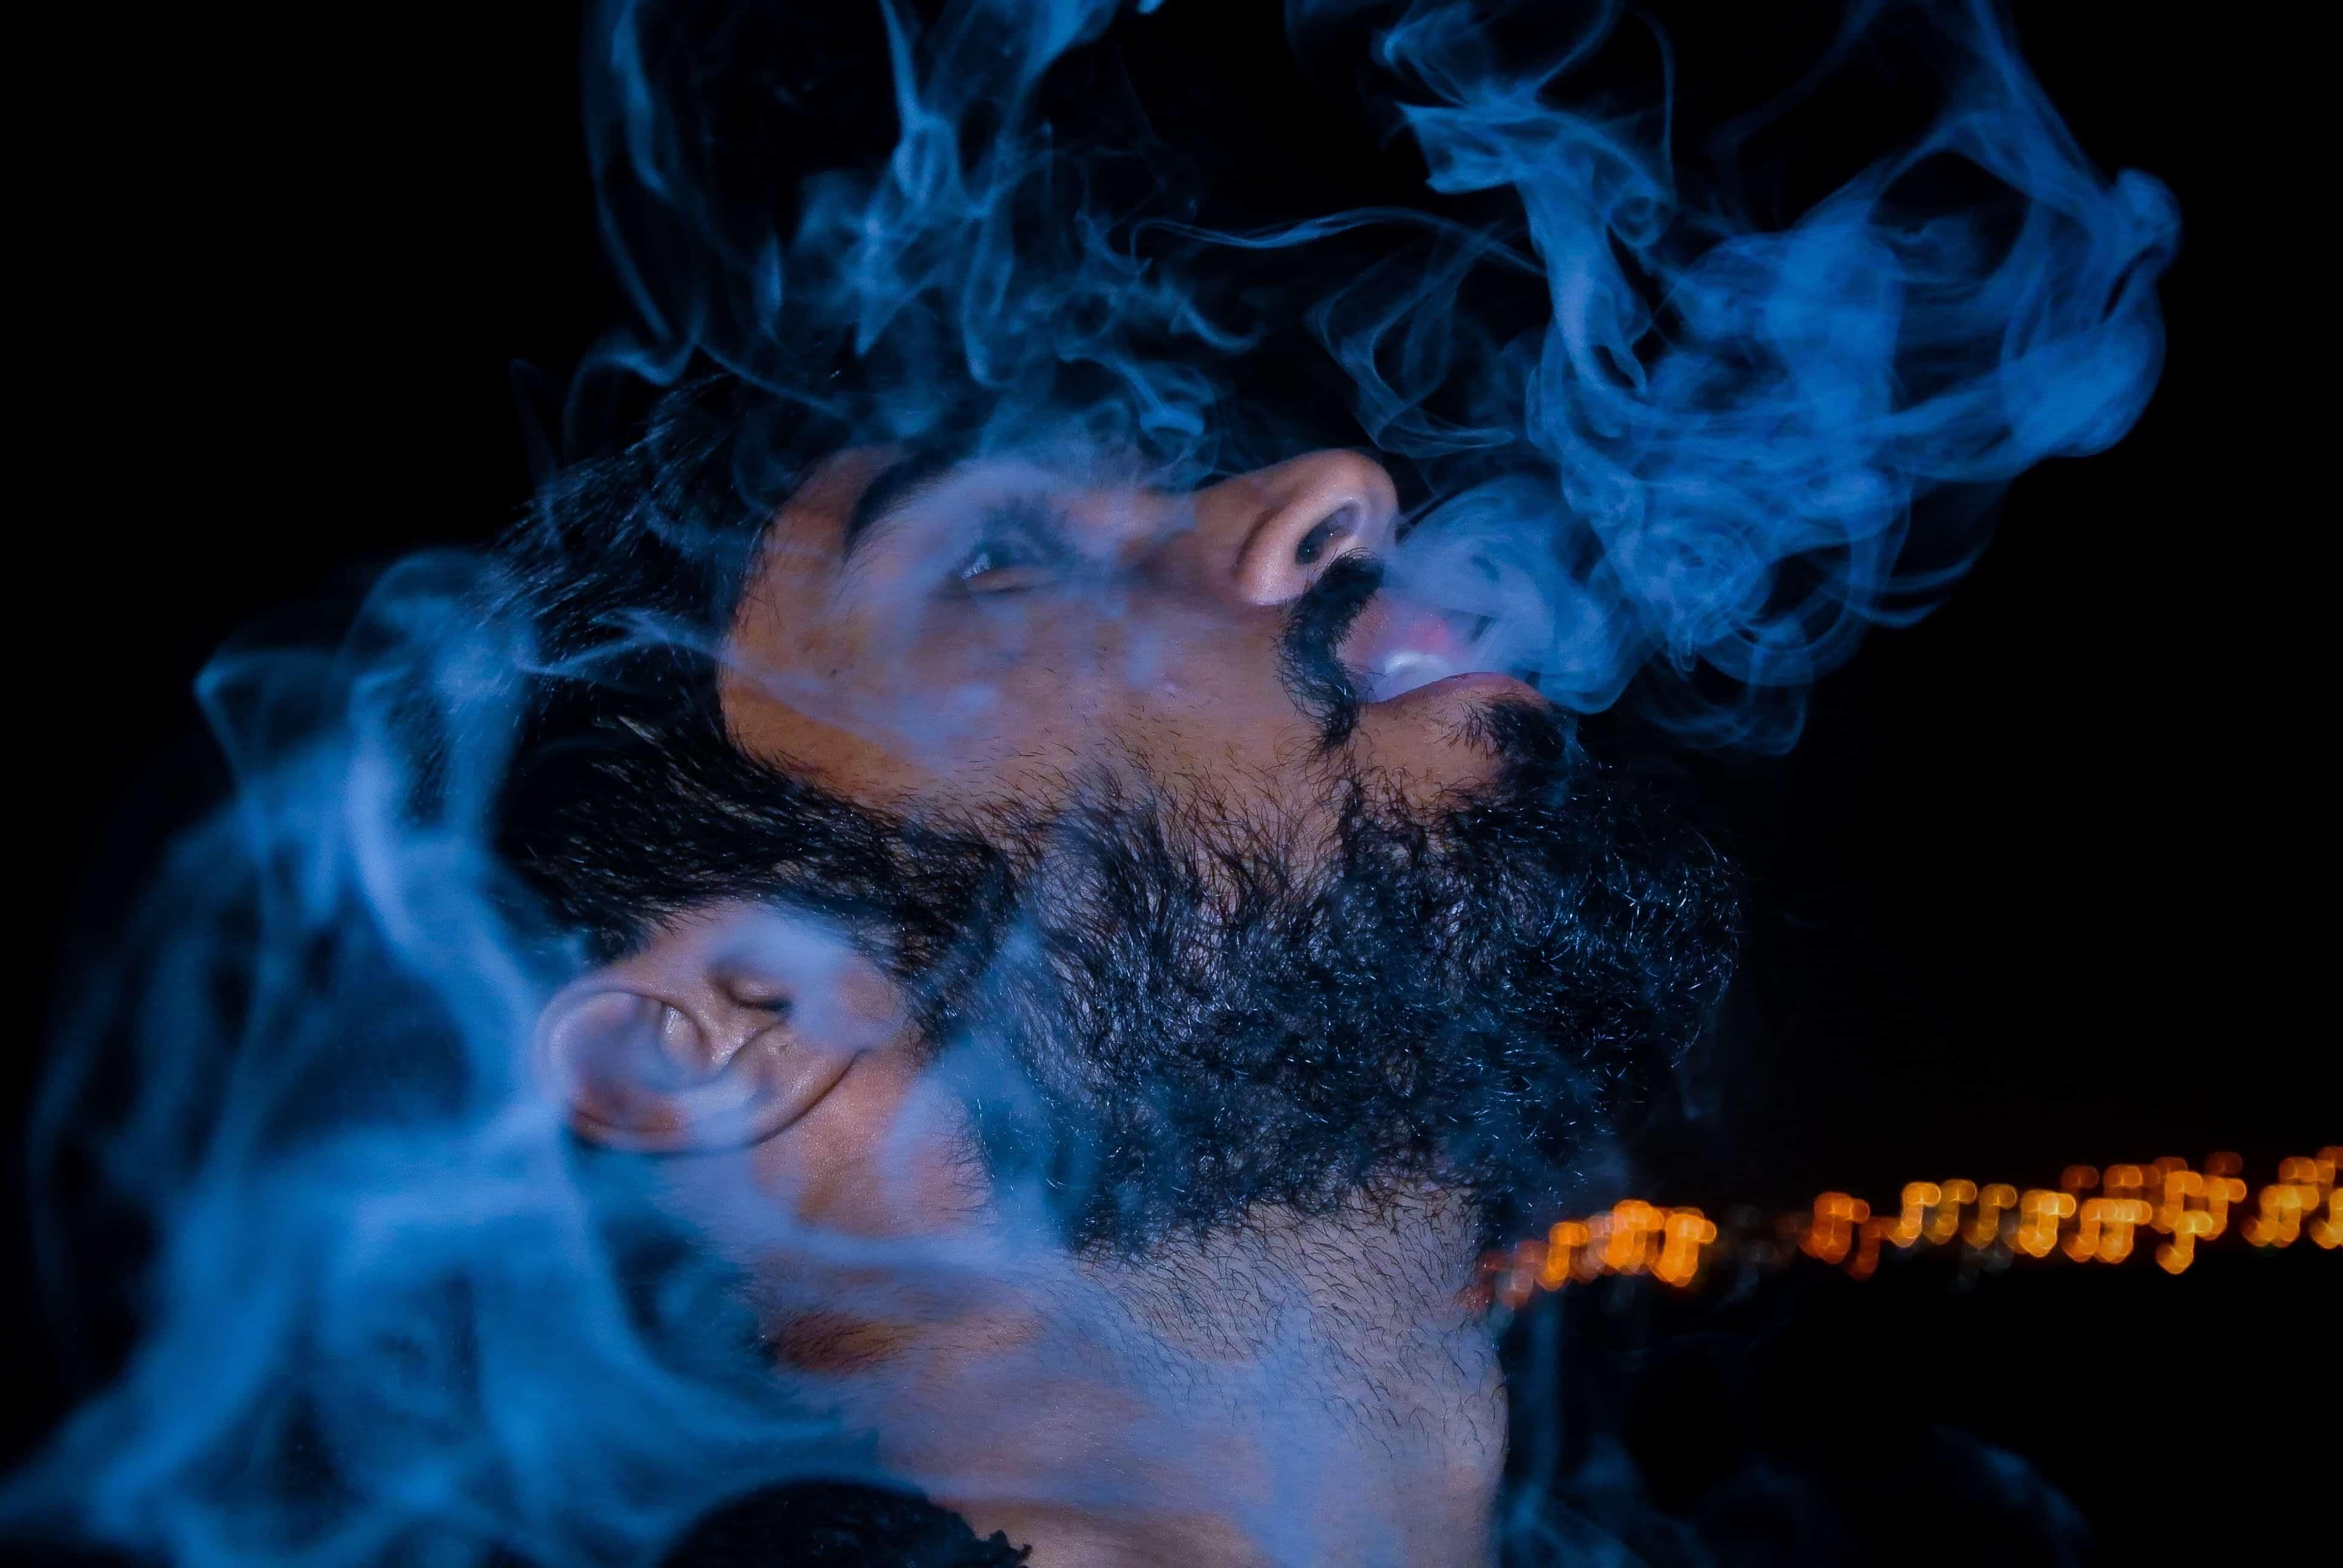 Mann mit schwarzem Shirt und blauem Rauch